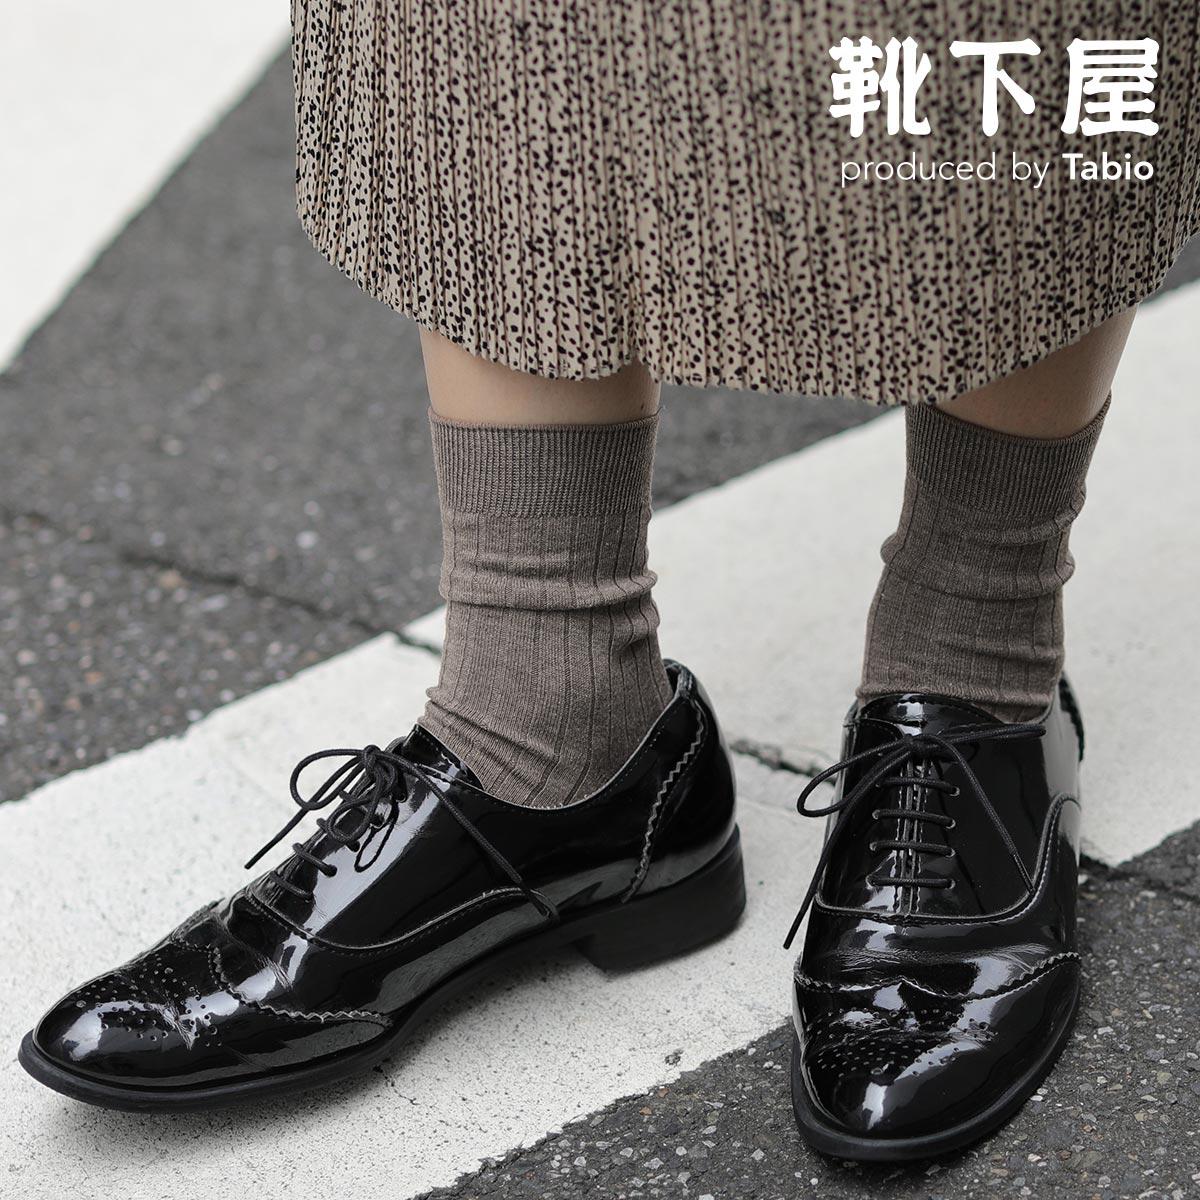 【あす楽】【Tabio】 綿混8×2リブソックス / 靴下屋 靴下 タビオ くつ下 ショート レディース 日本製